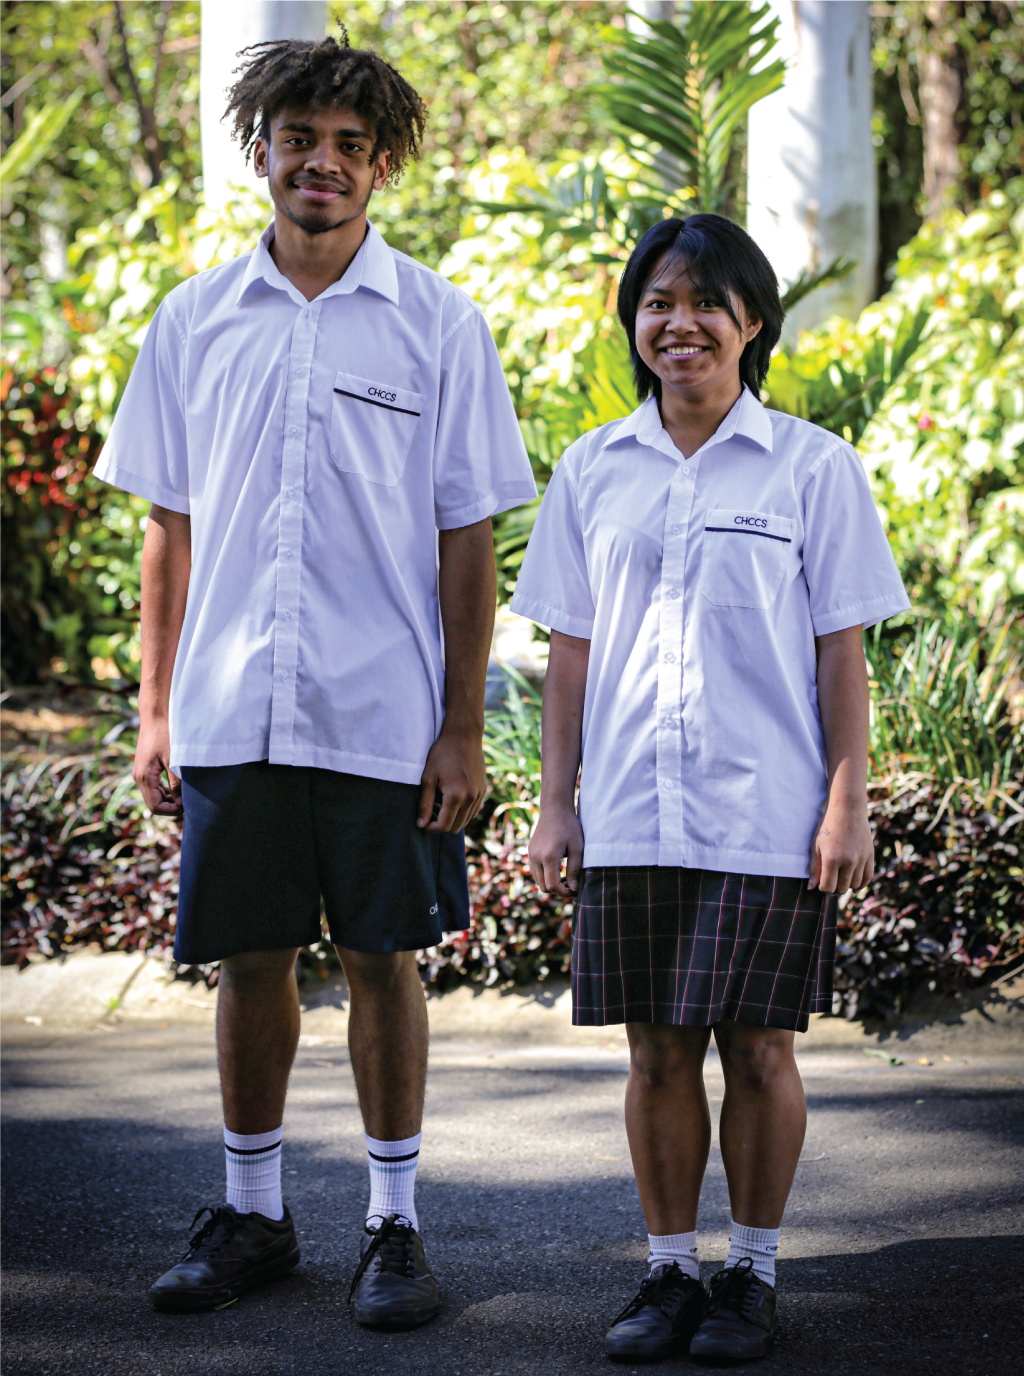 Coffs Christian Community School Uniform